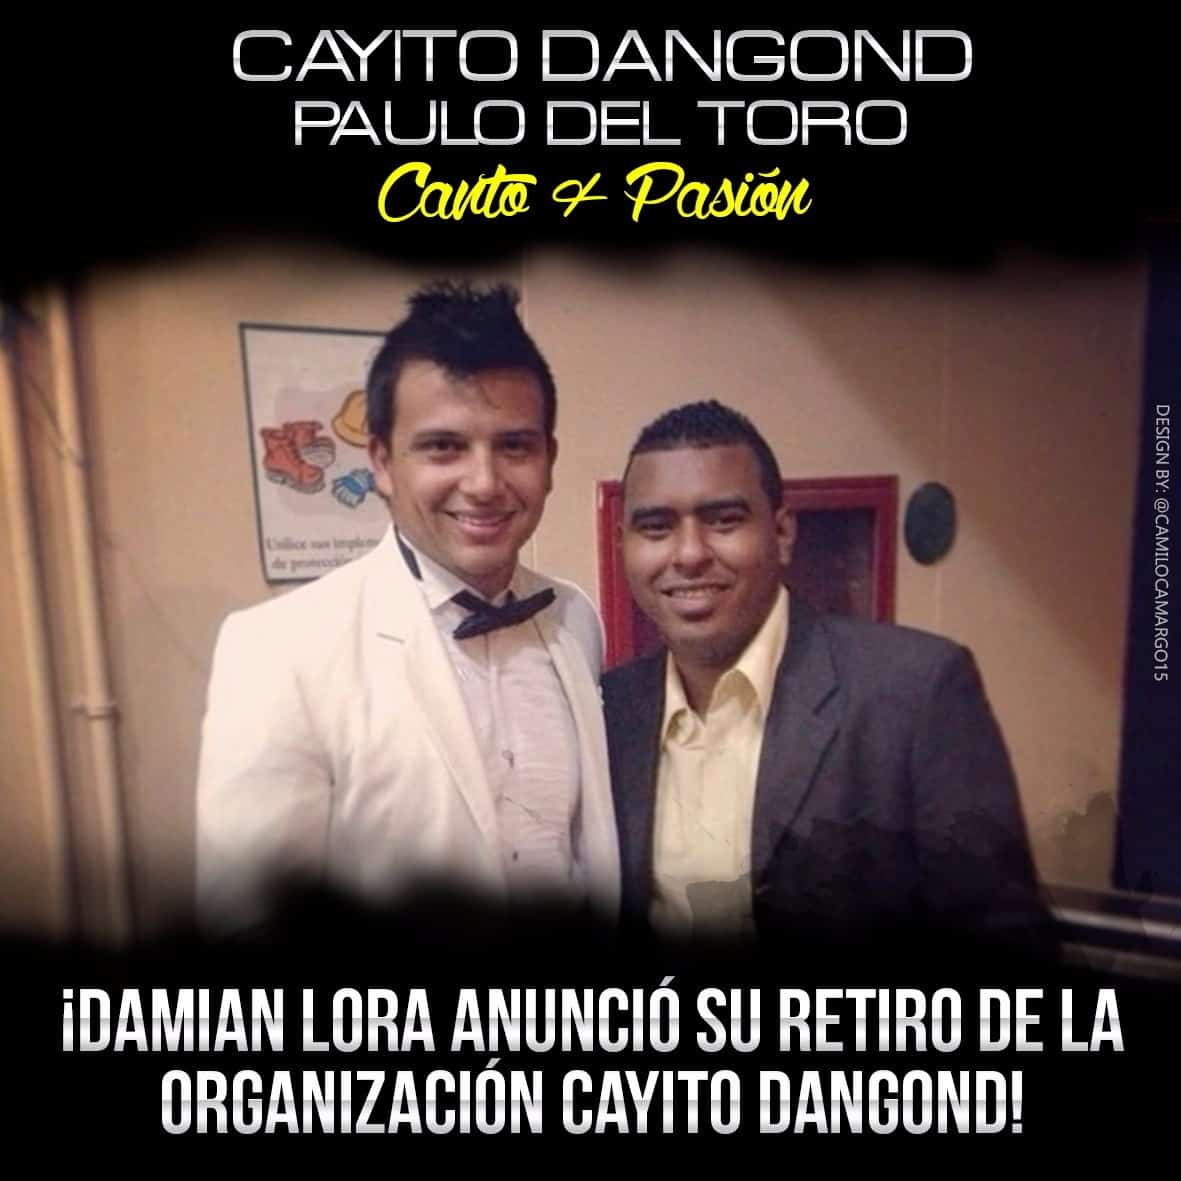 ¡DAMIAN LORA ANUNCIÓ SU RETIRO DE LA ORGANIZACIÓN CAYITO DANGOND!